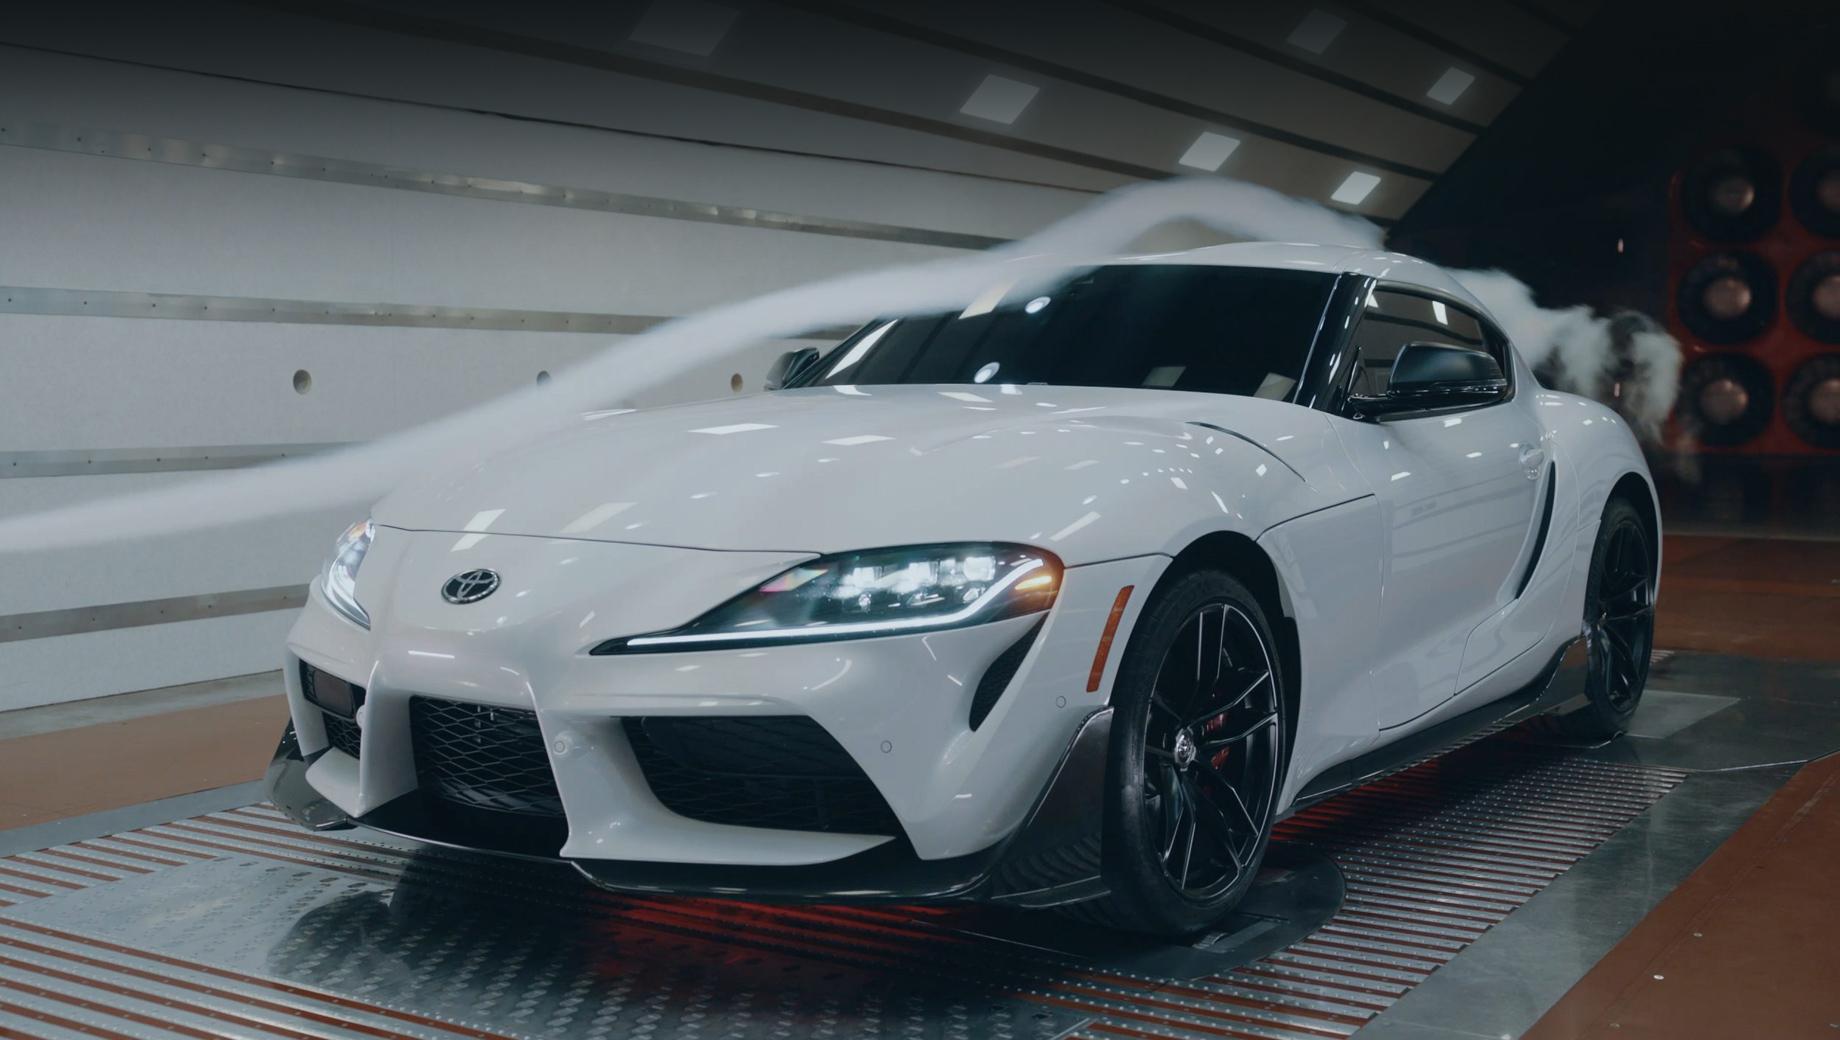 Toyota supra. Детали специальной серии доводились в аэродинамической трубе, так что элементы обвеса далеко не декоративные, а увеличивают прижимную силу.